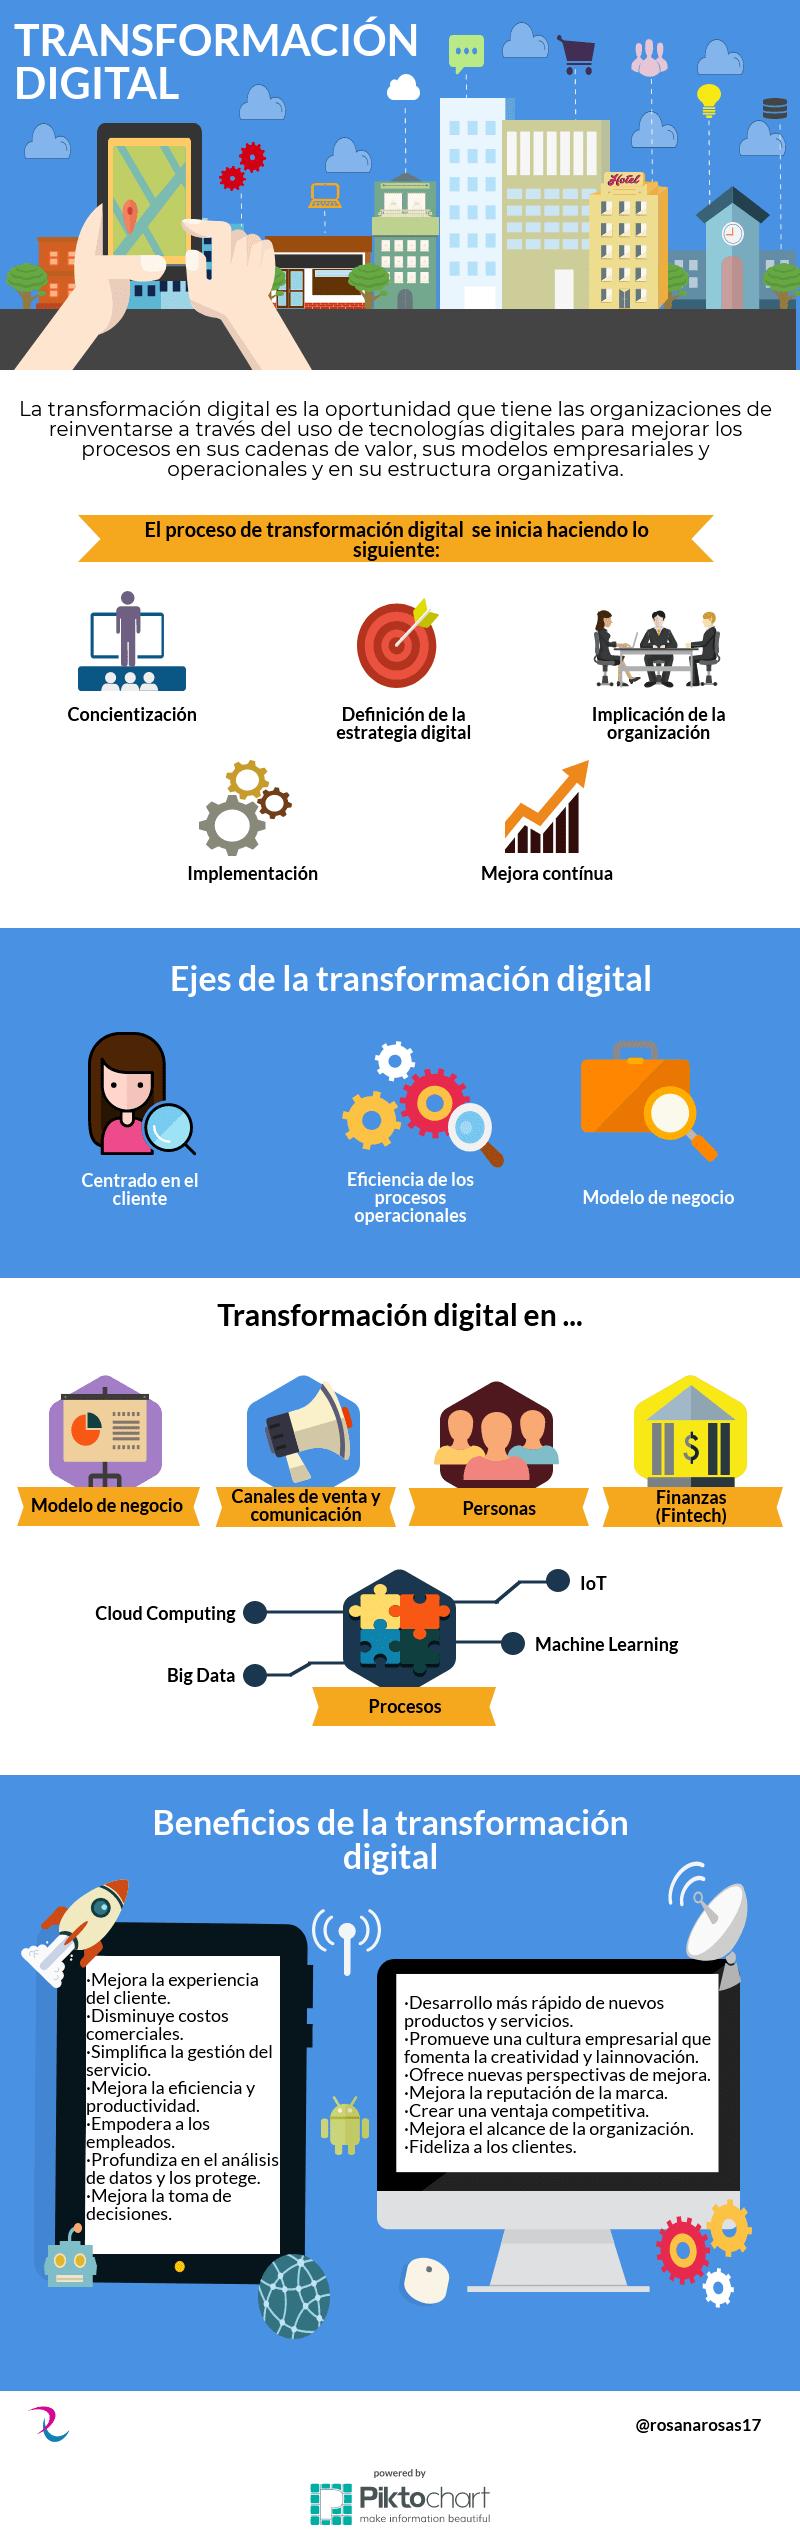 Infografia - La transformación digital en las empresas [Infografía]